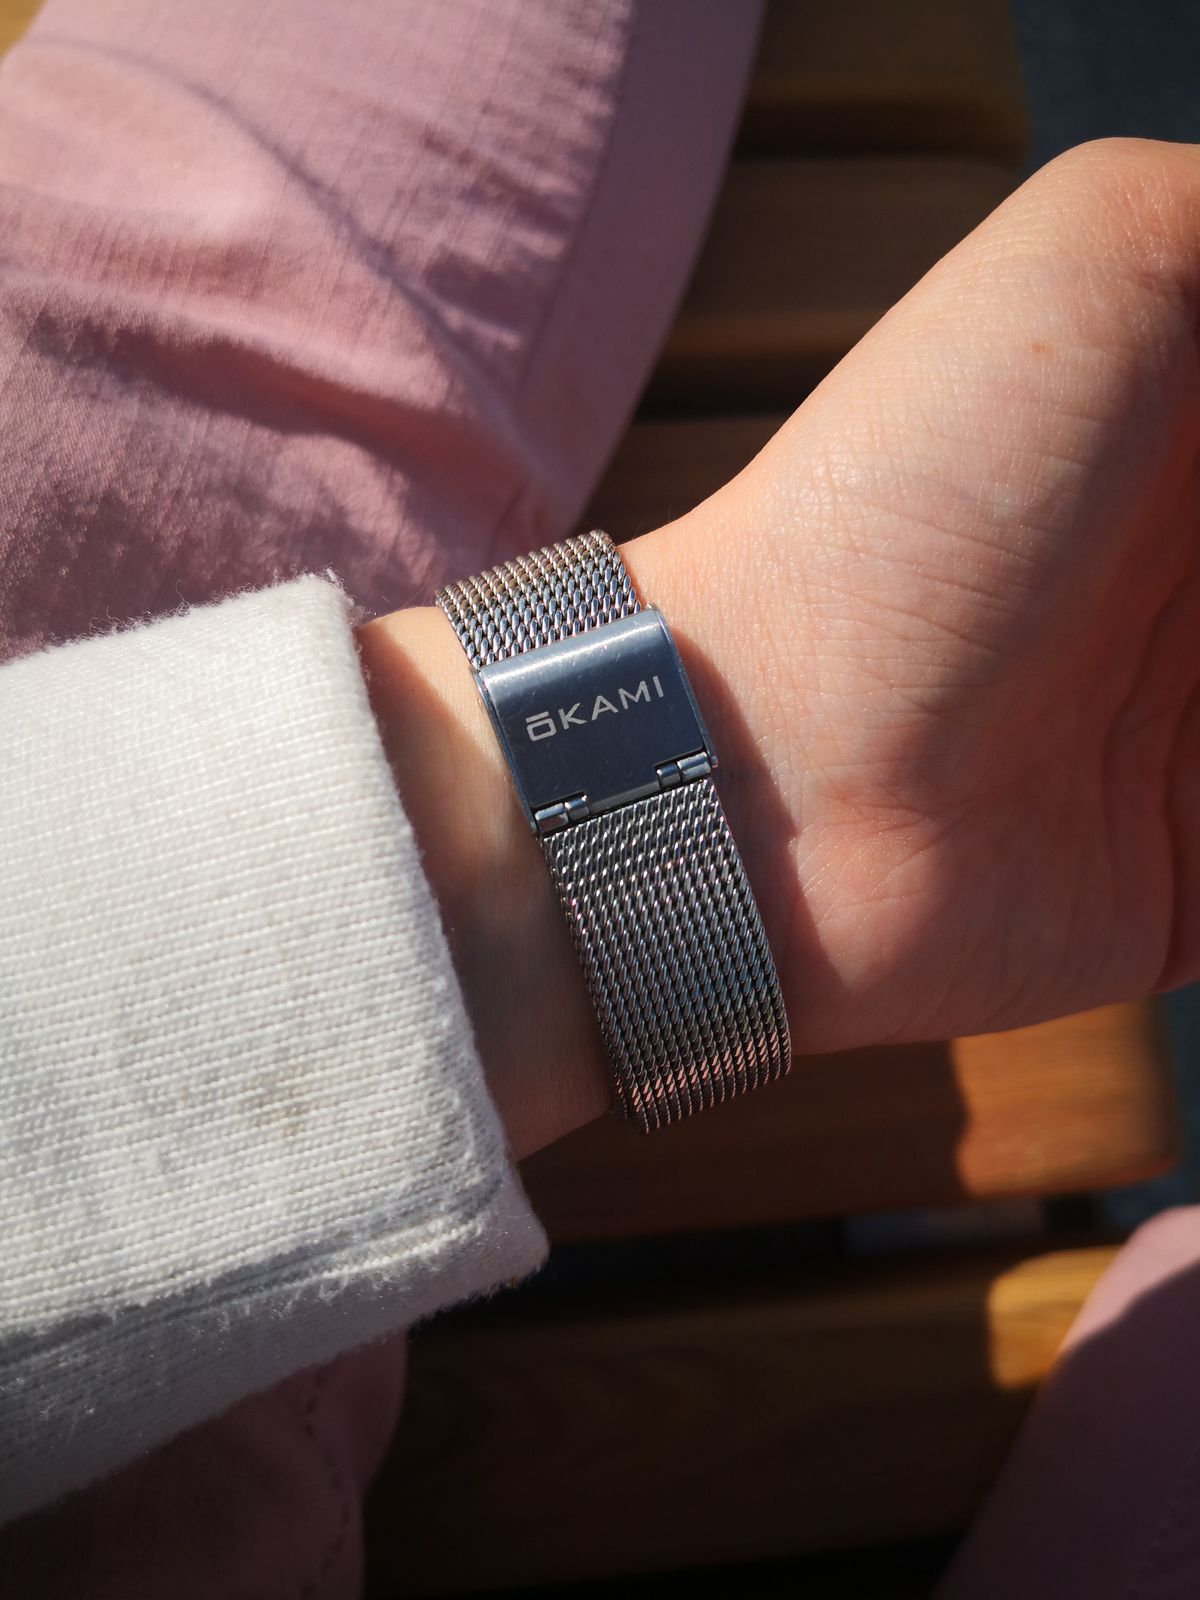 Японские часы на миланком браслете